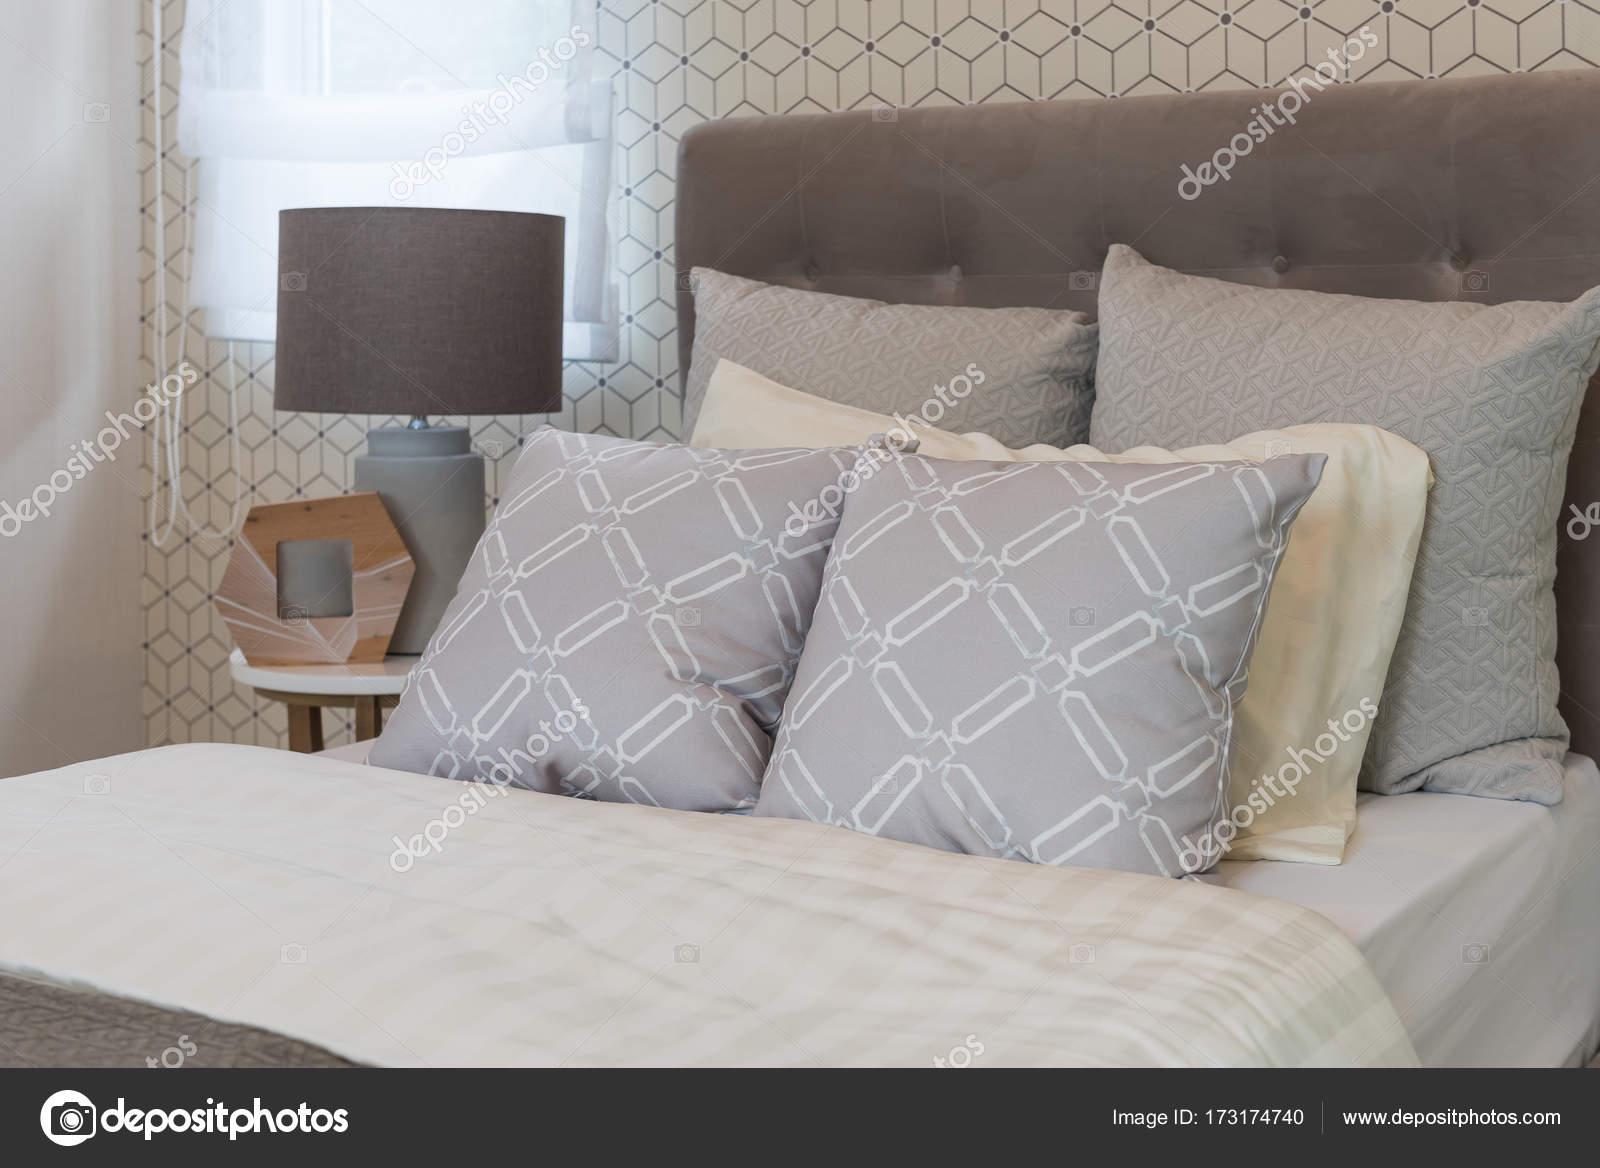 Camera in stile classico con letto singolo u foto stock